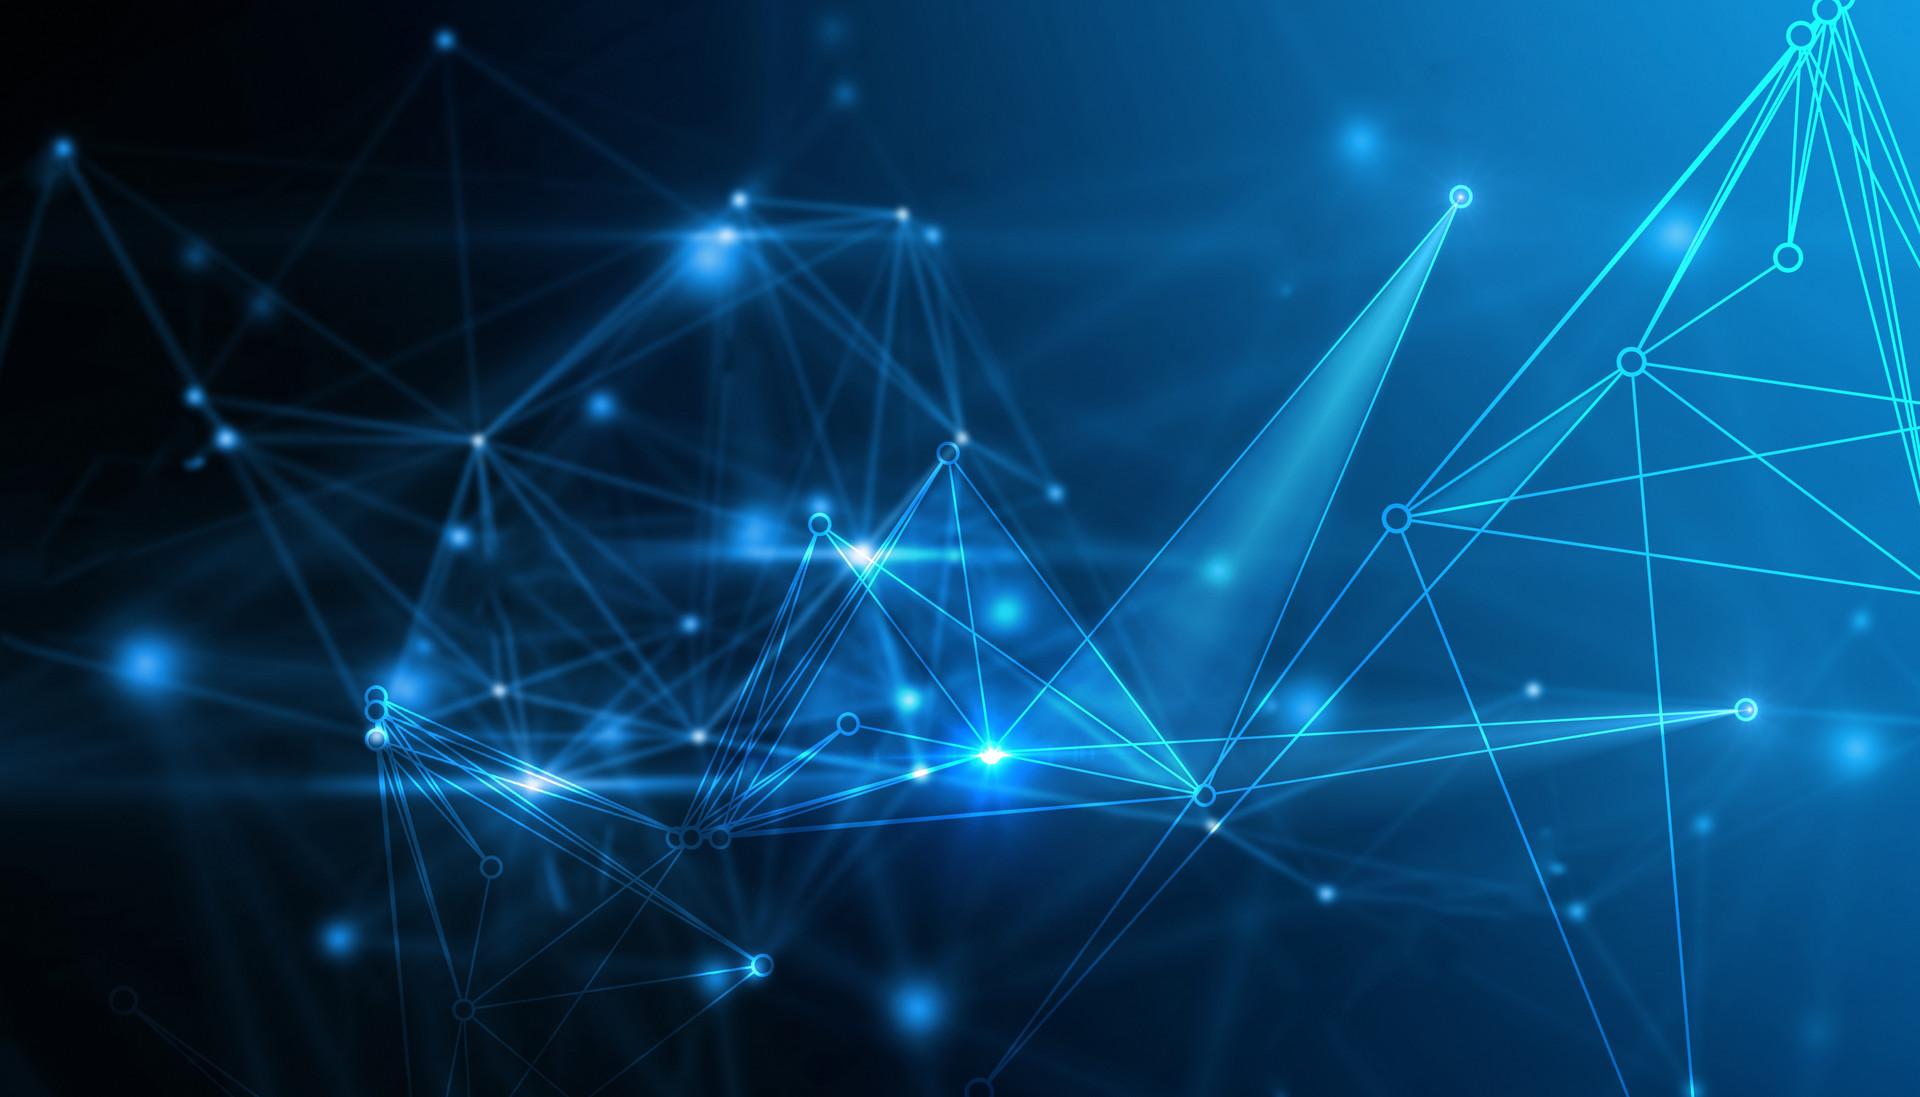 华为:2020年将成为智能滨笔网络全面商用的元年